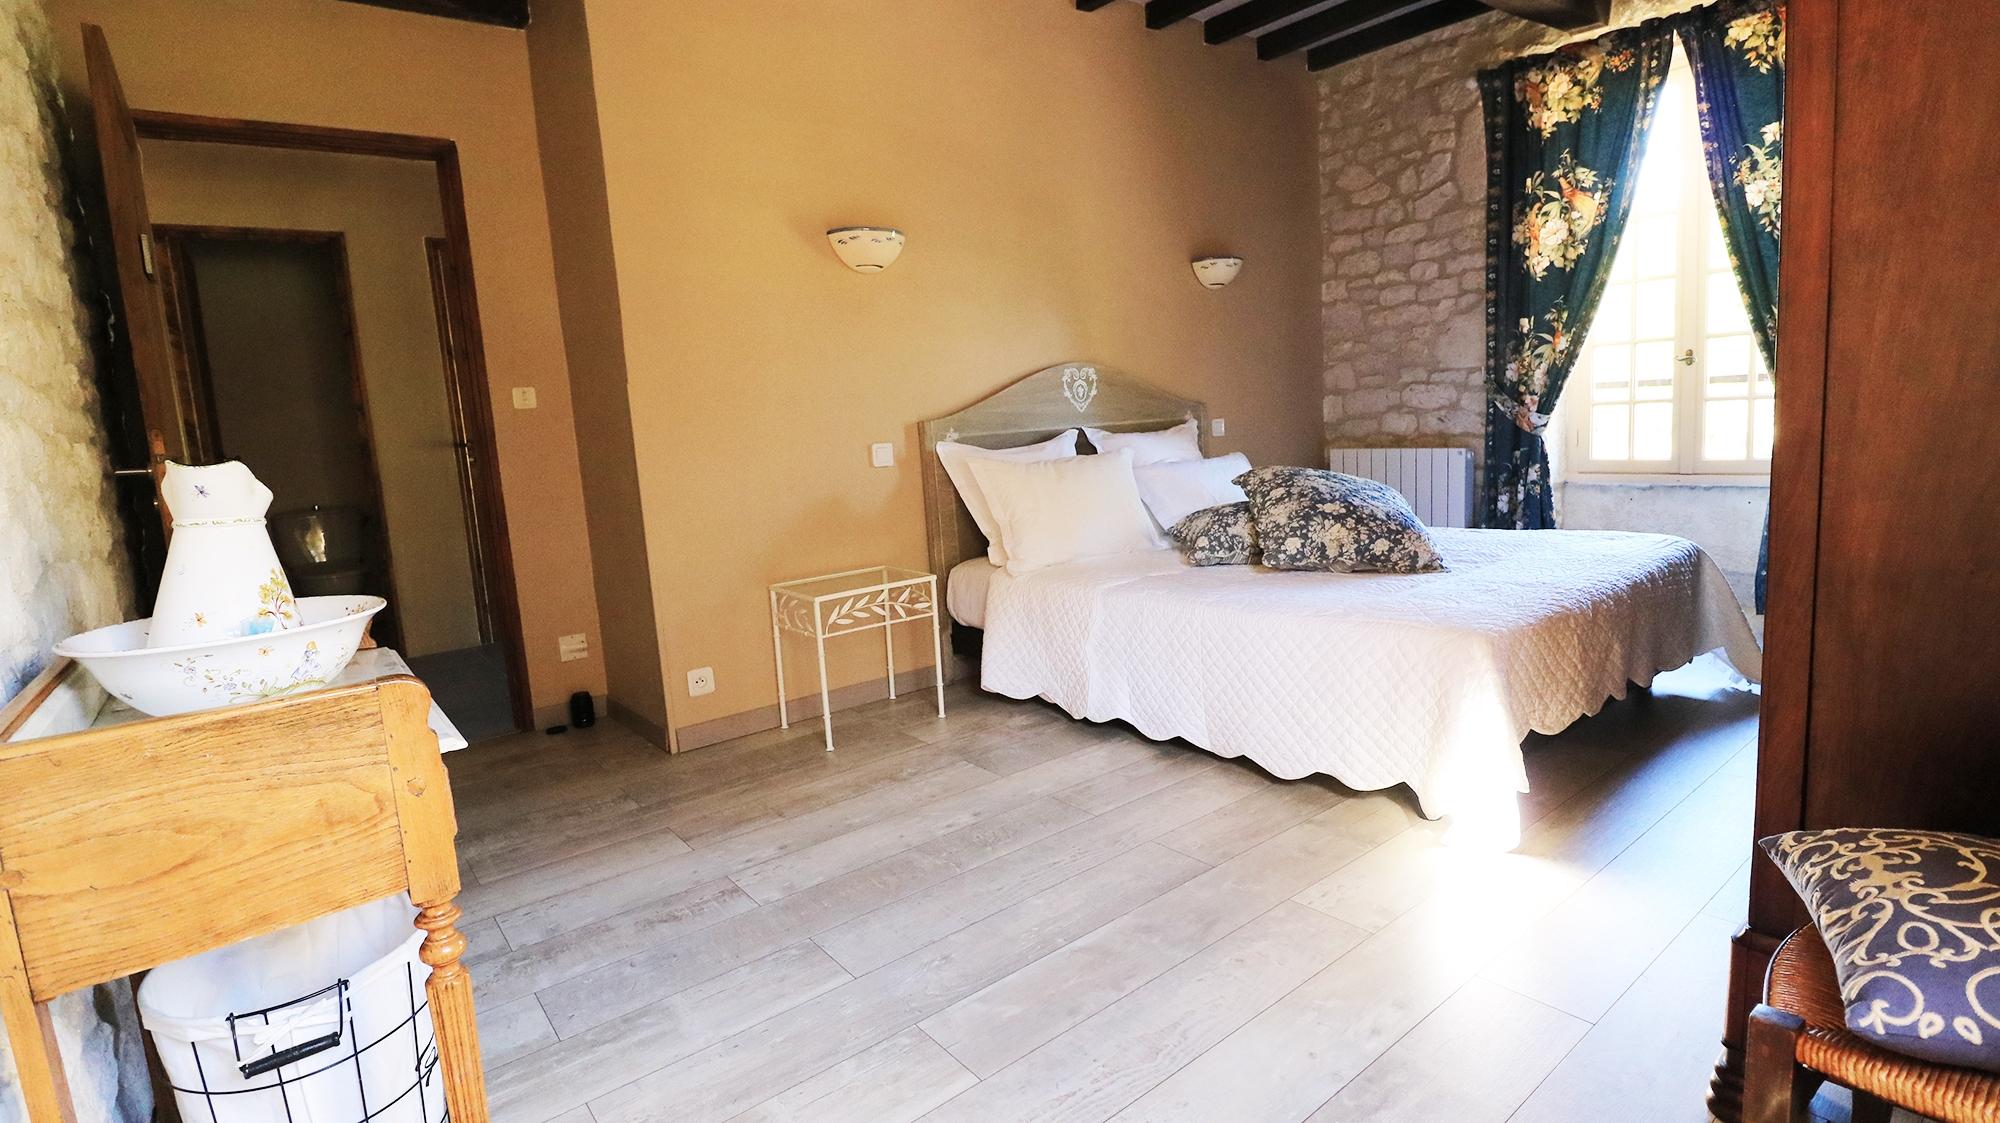 Suite Chambre d'hotes Les Iris Montaigu De Quercy La Quercynoise